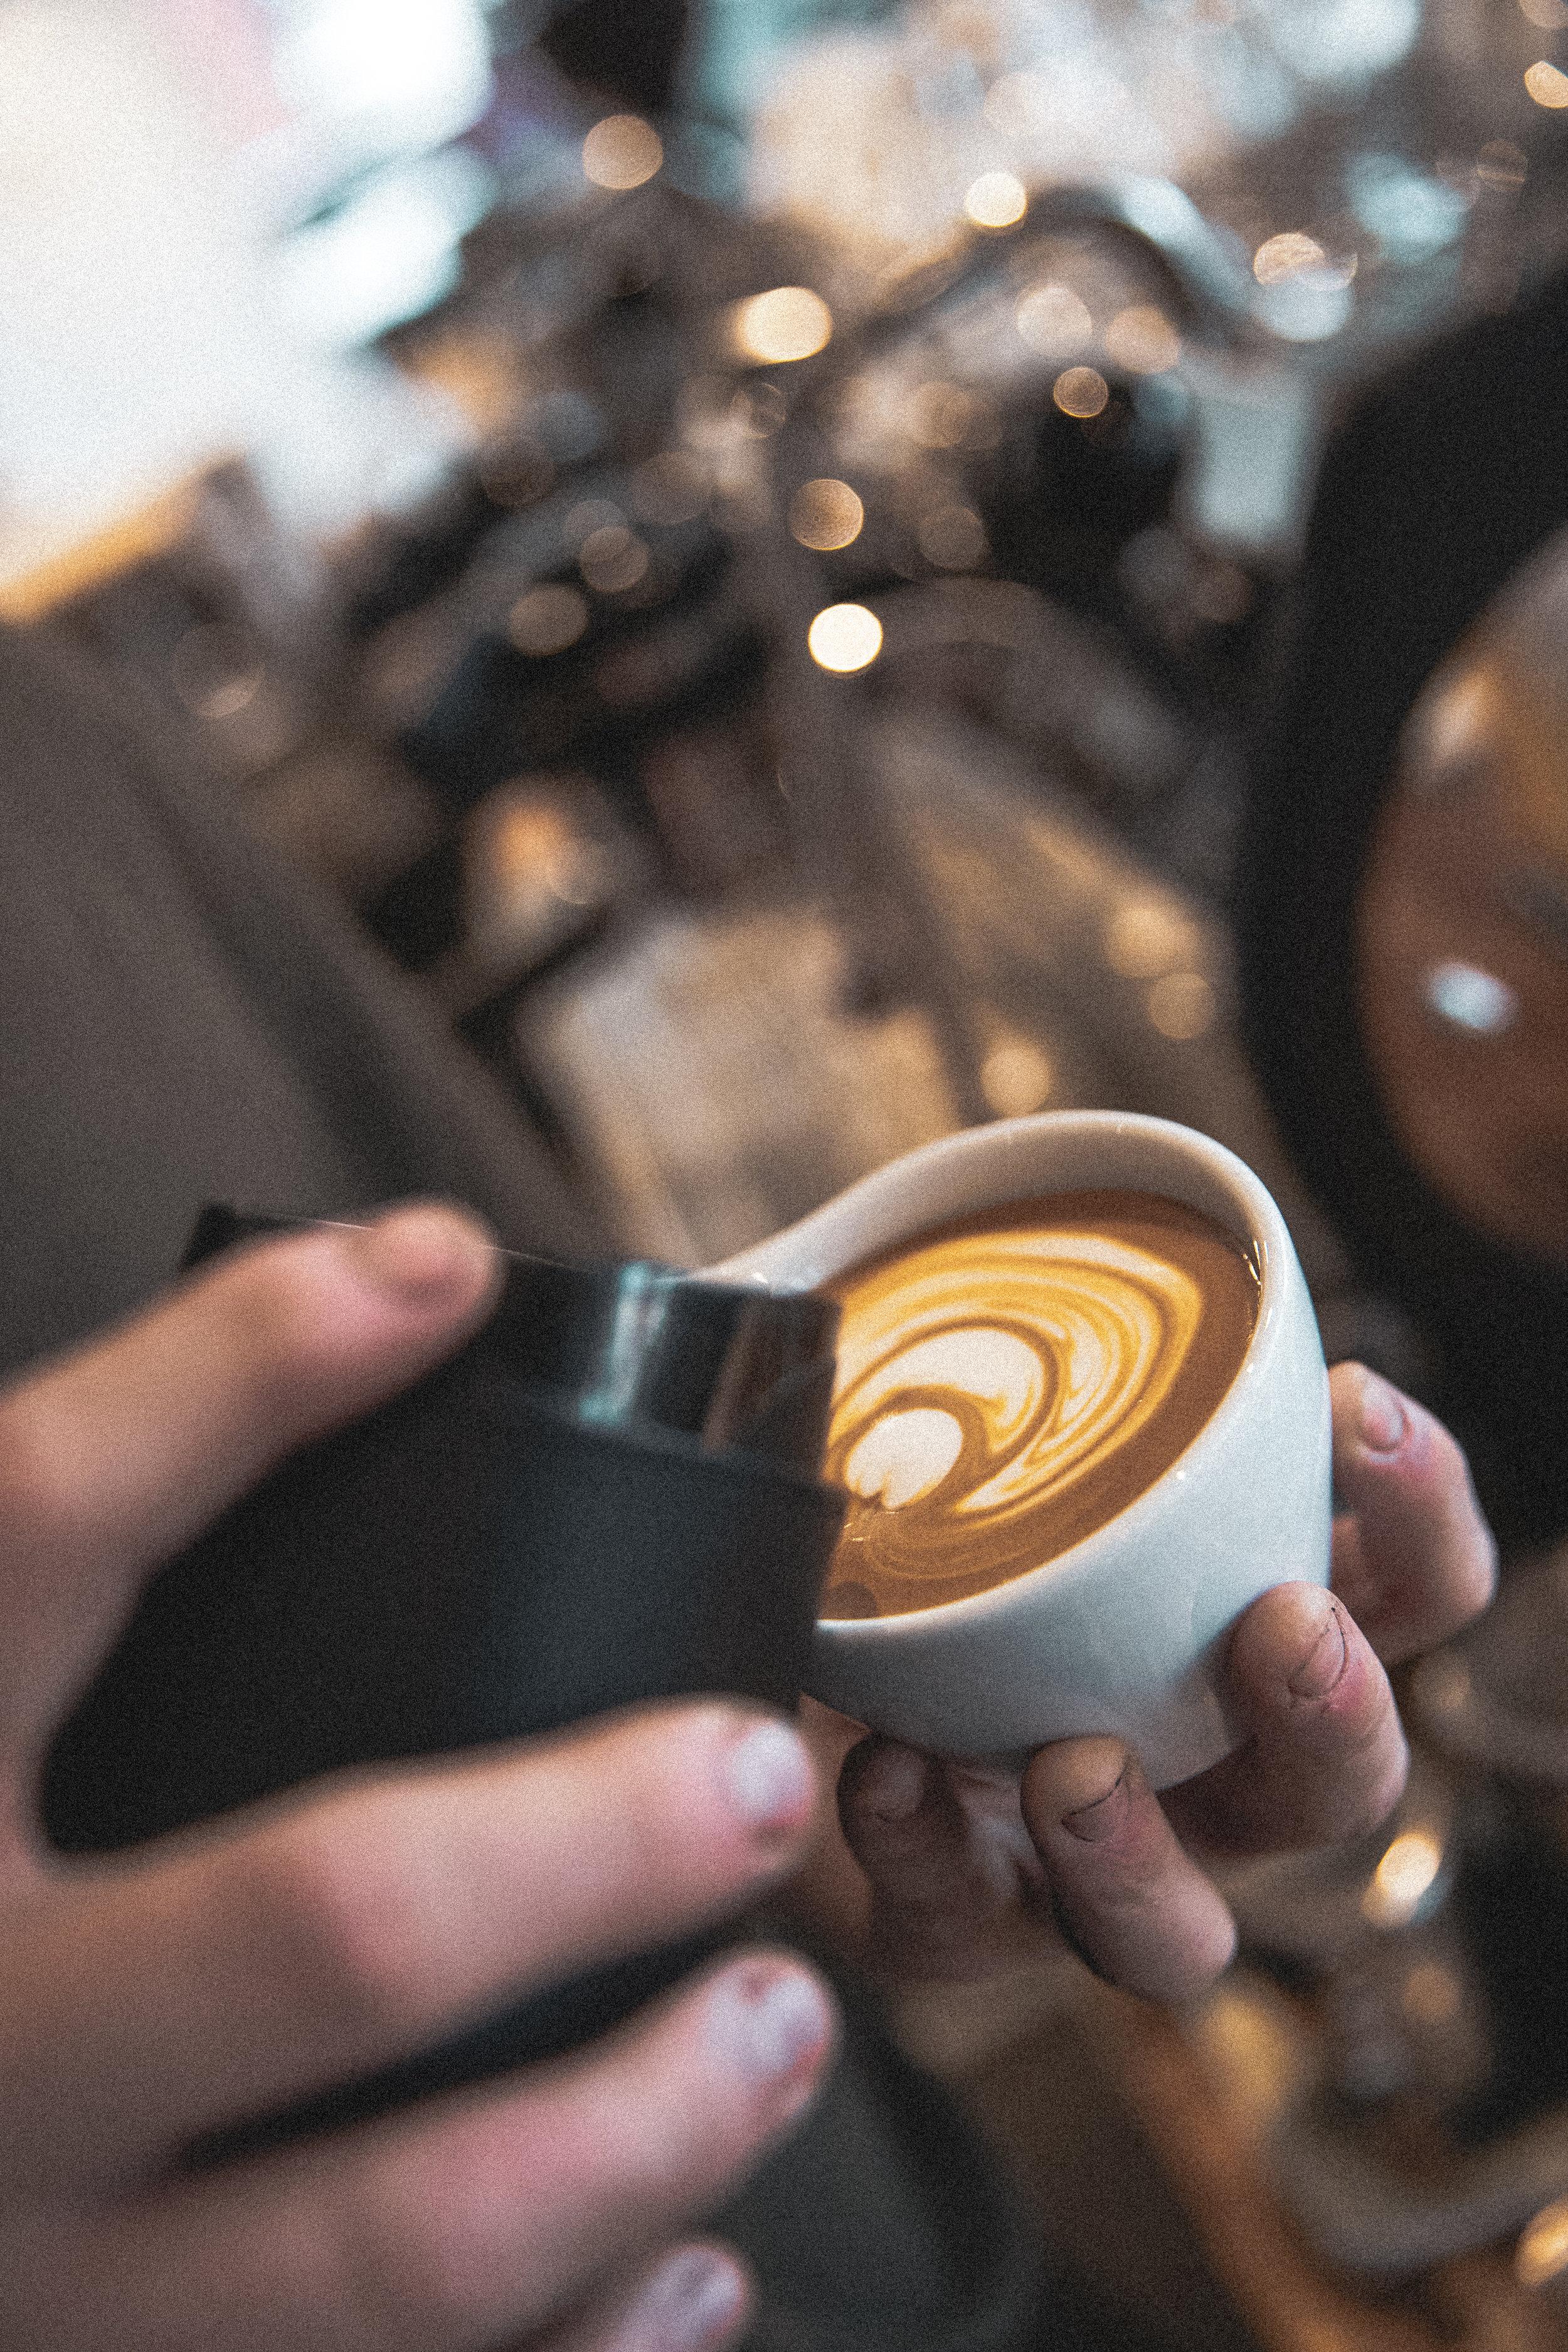 coffeeshop-photography-9I0621.jpg